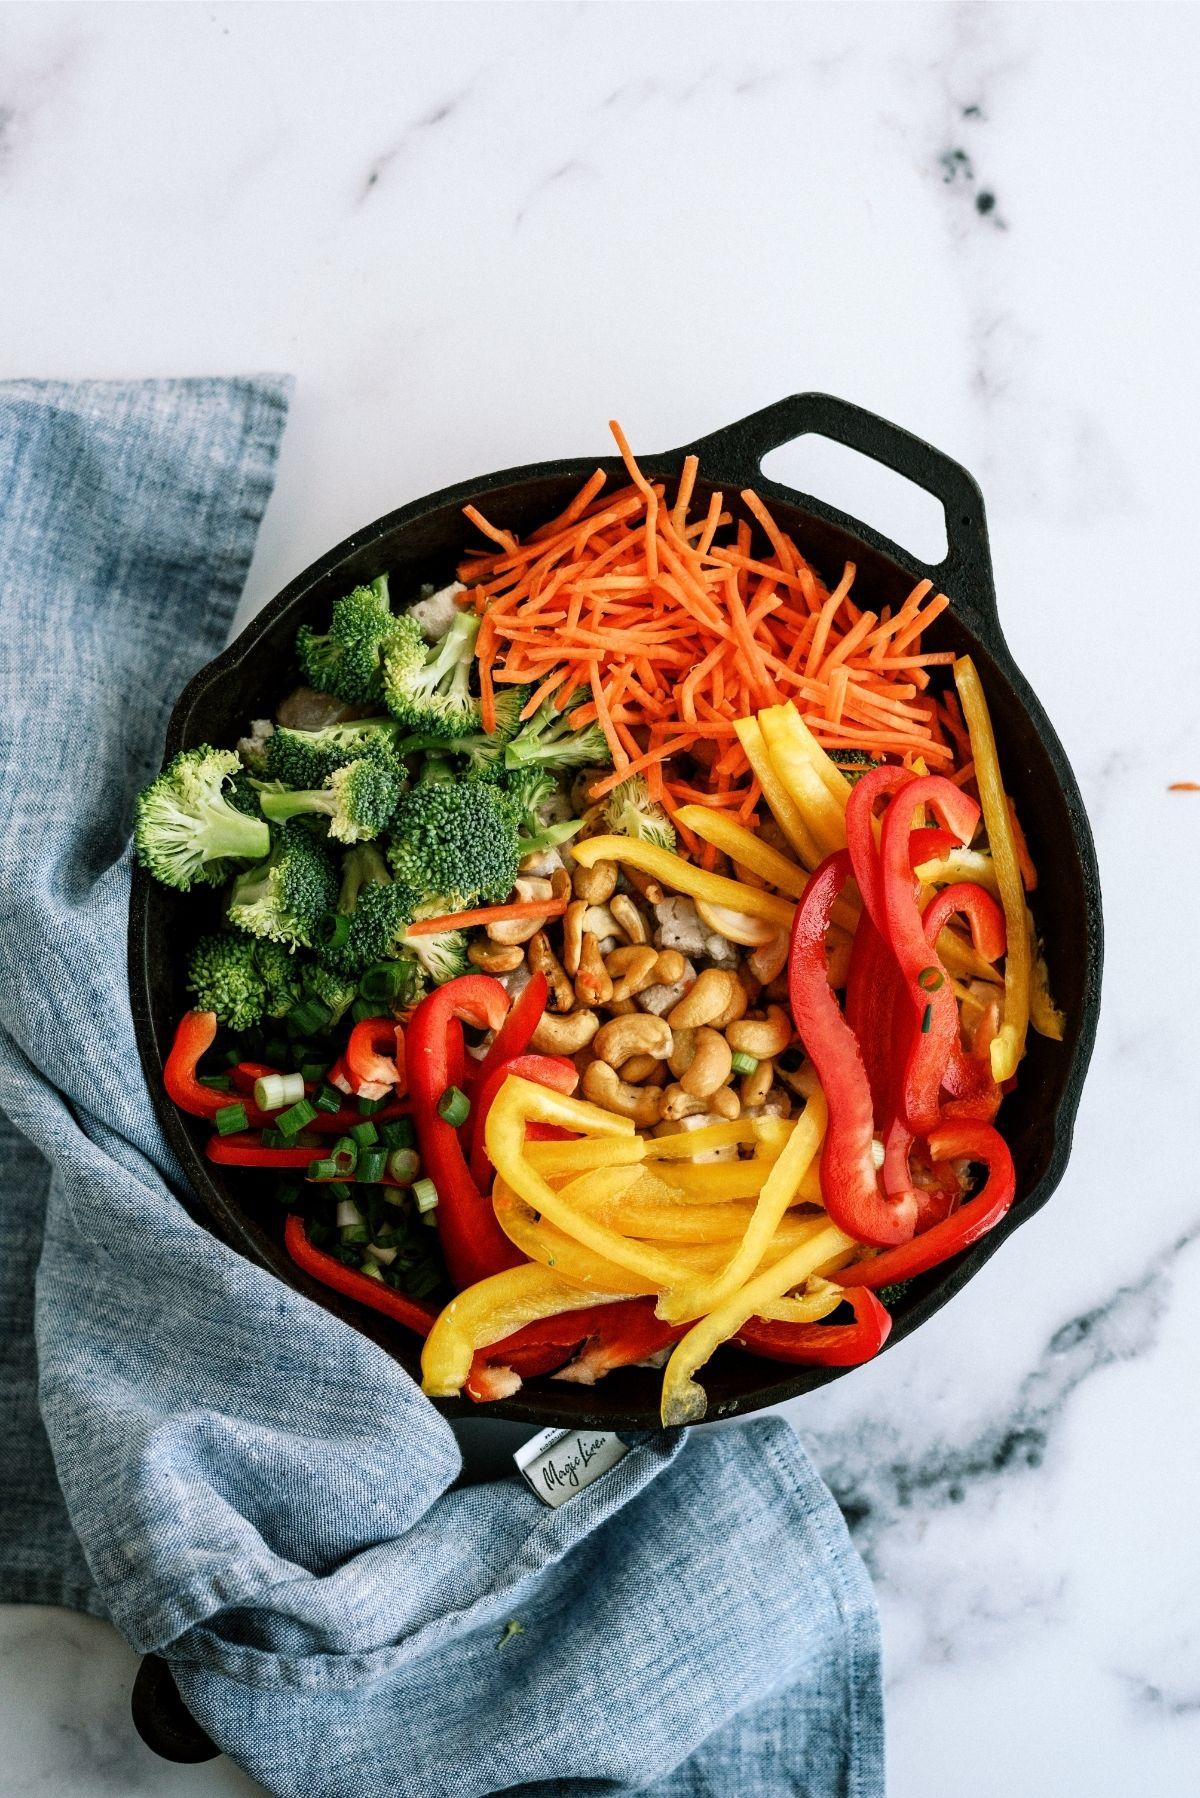 Veggies in a skillet for Cashew Chicken Skillet Stir-Fry